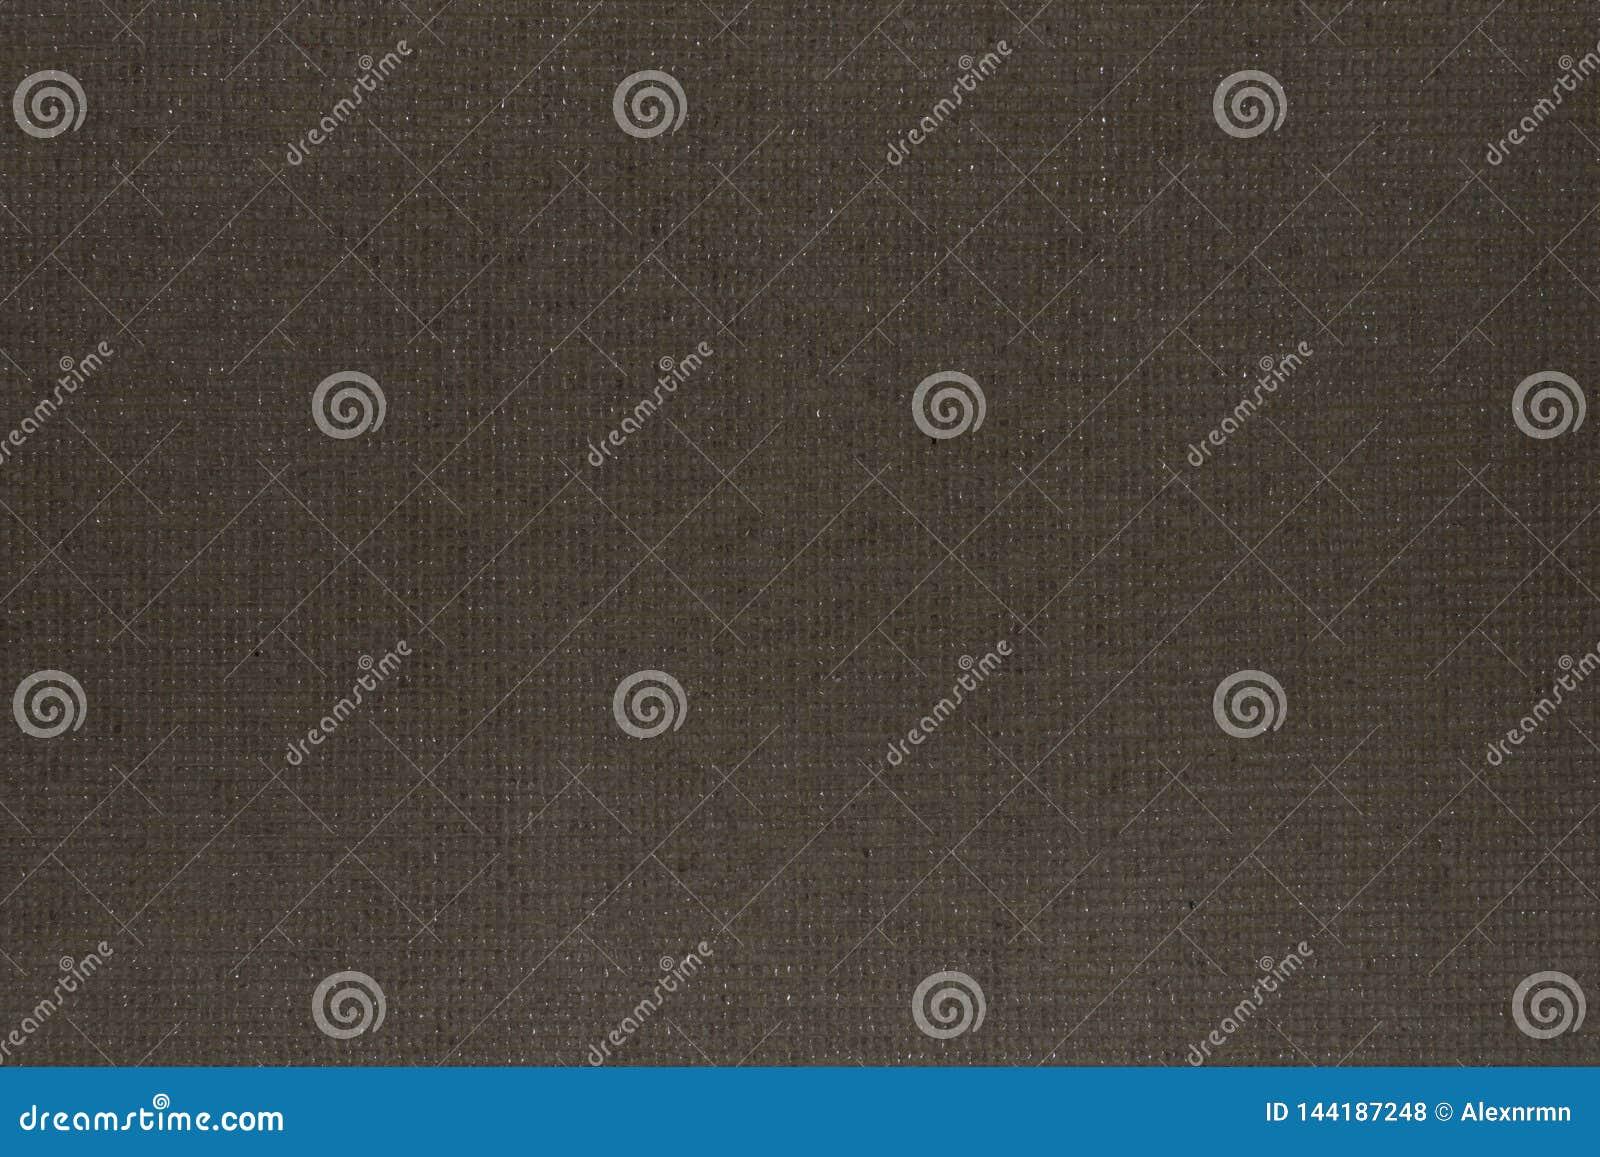 Hintergrund, Beschaffenheit der Basis des Teppichs